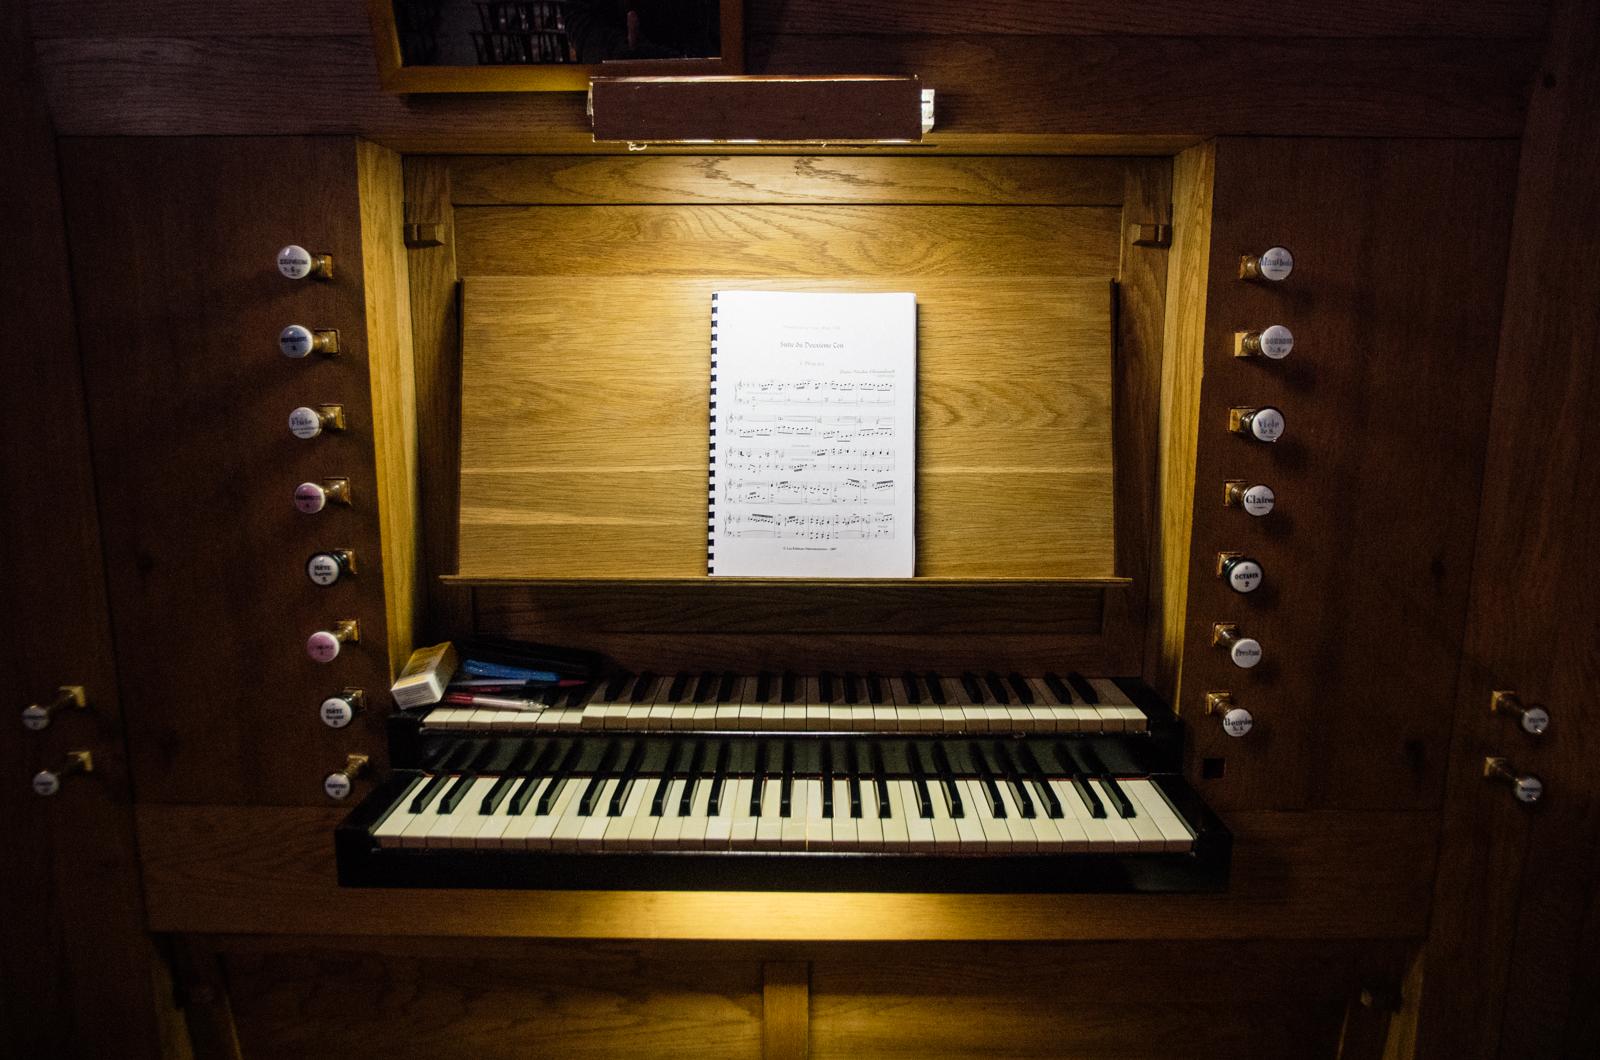 L'orgue de Montech - Carnet de voyage dans le Tarn-et-Garonne